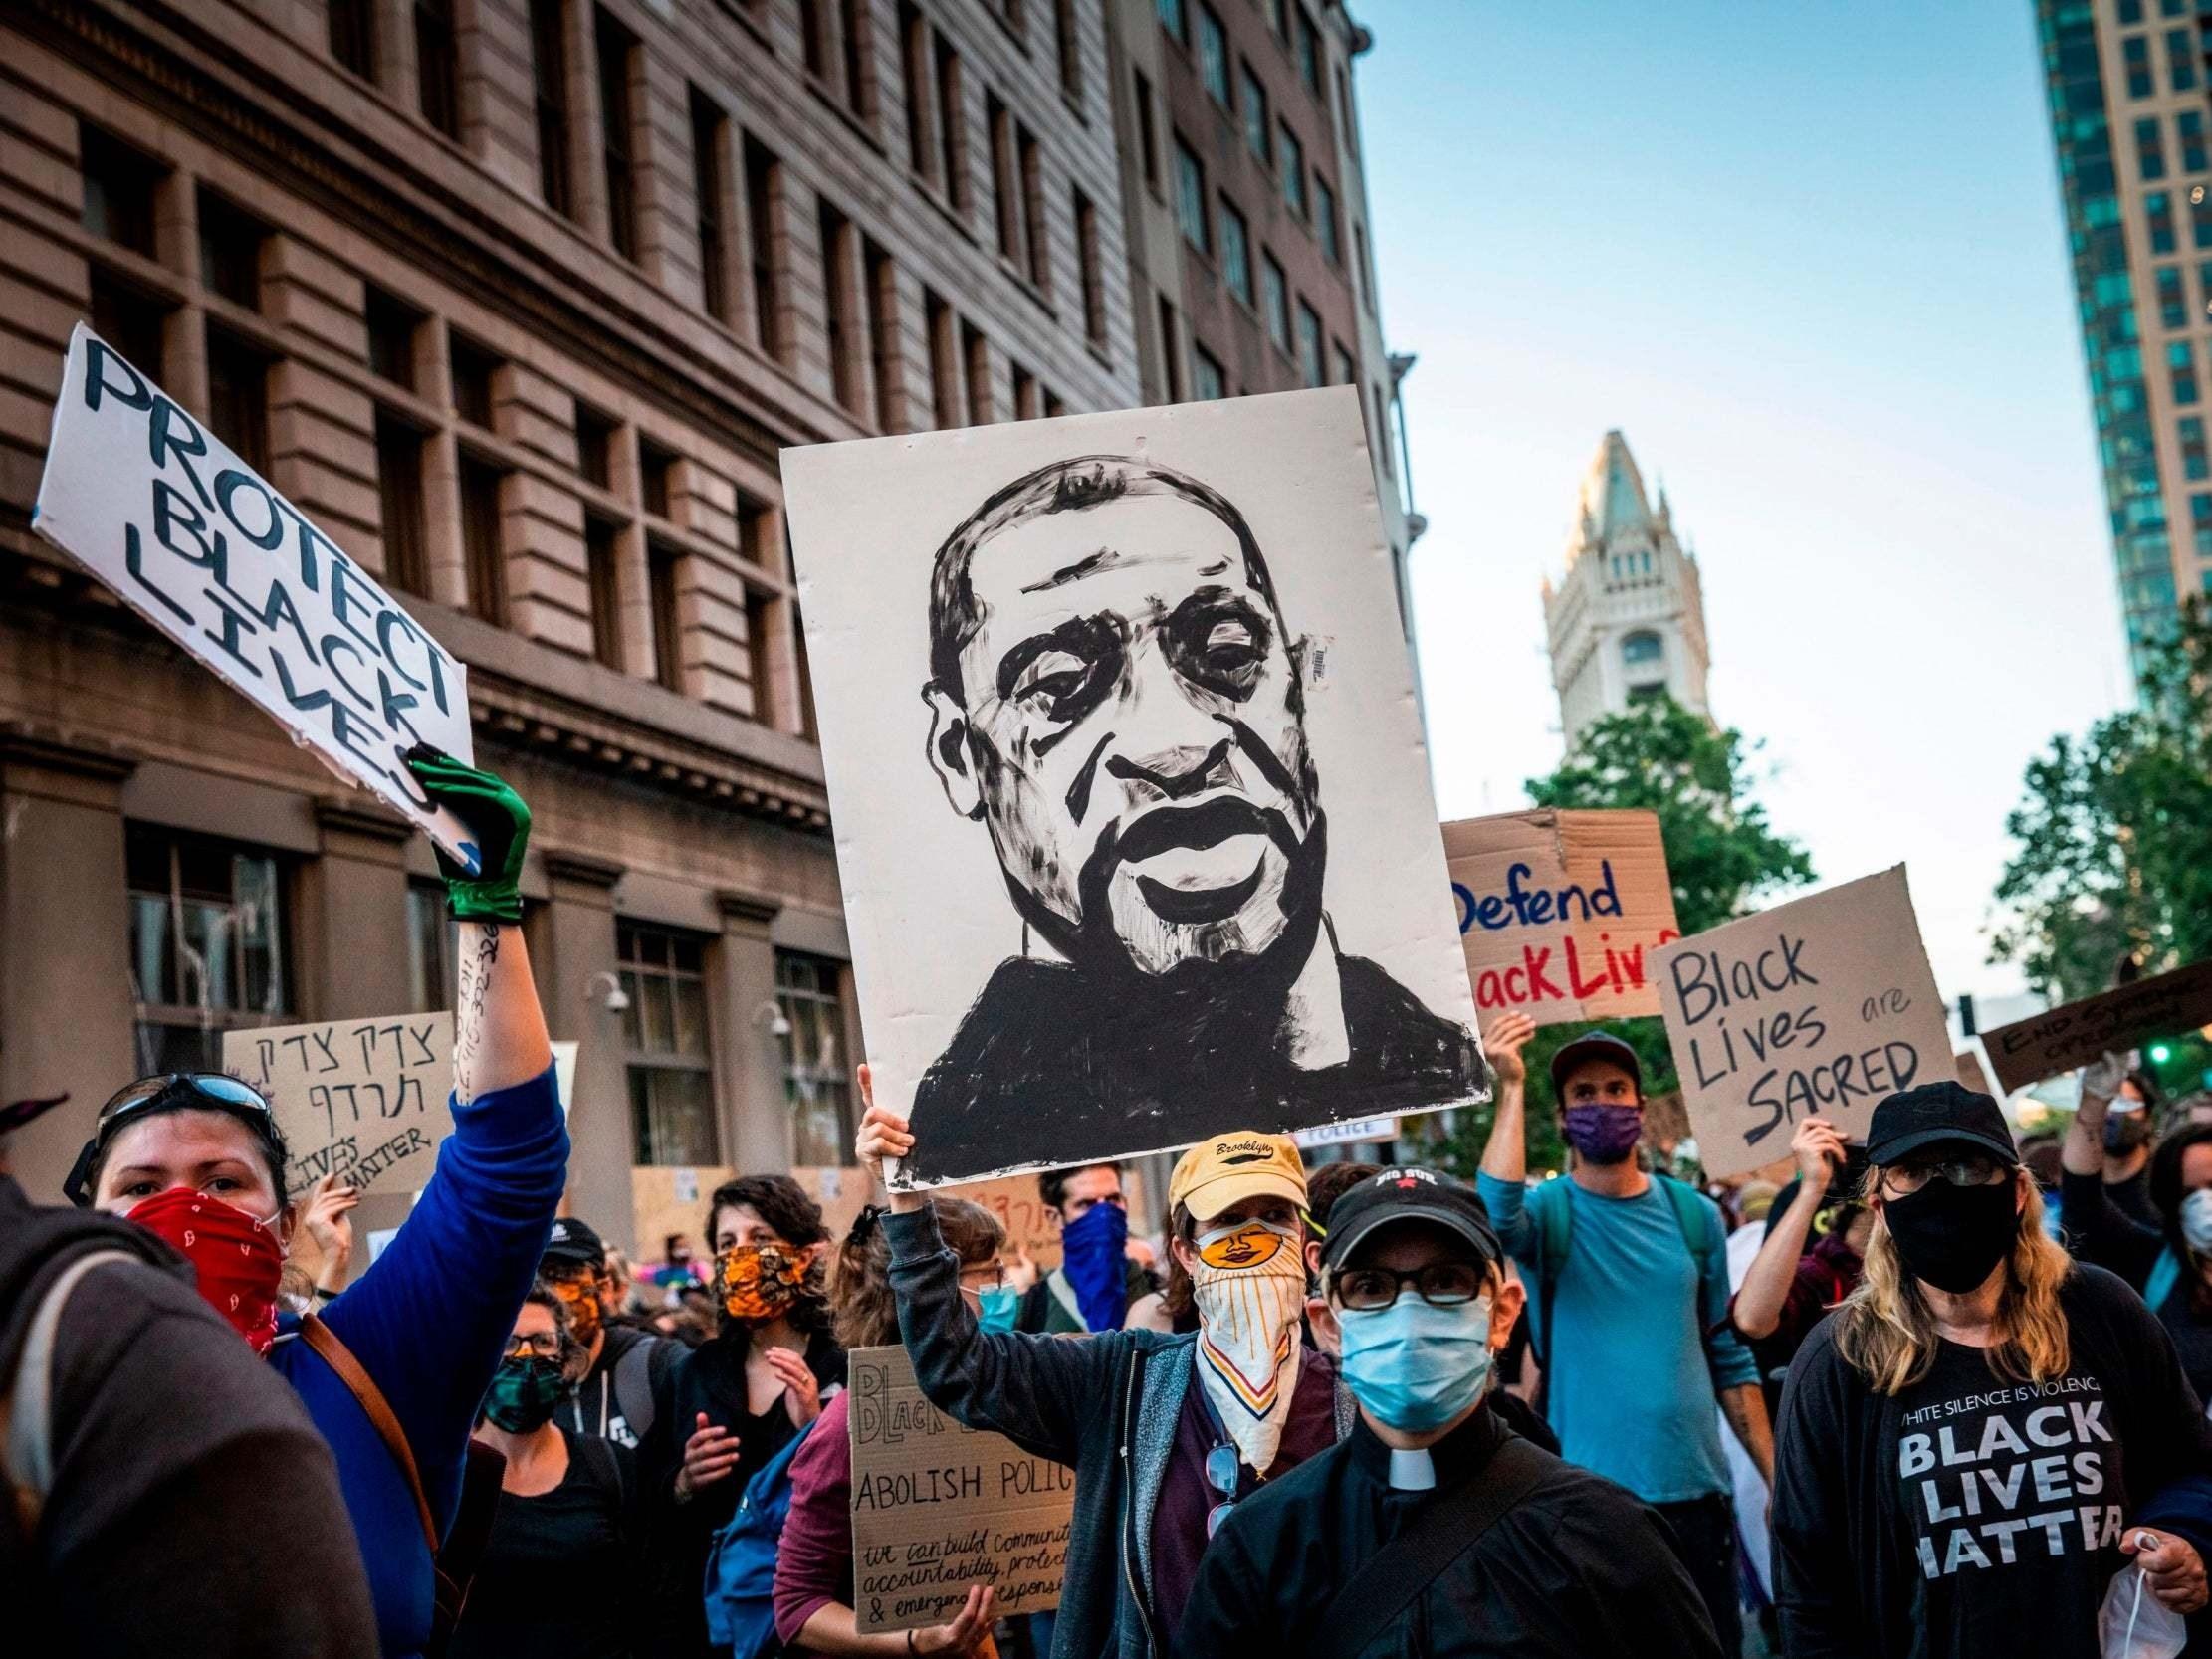 تظاهرة حاشدة أمام البيت الأبيض.. واحتجاجات عالمية مماثلة